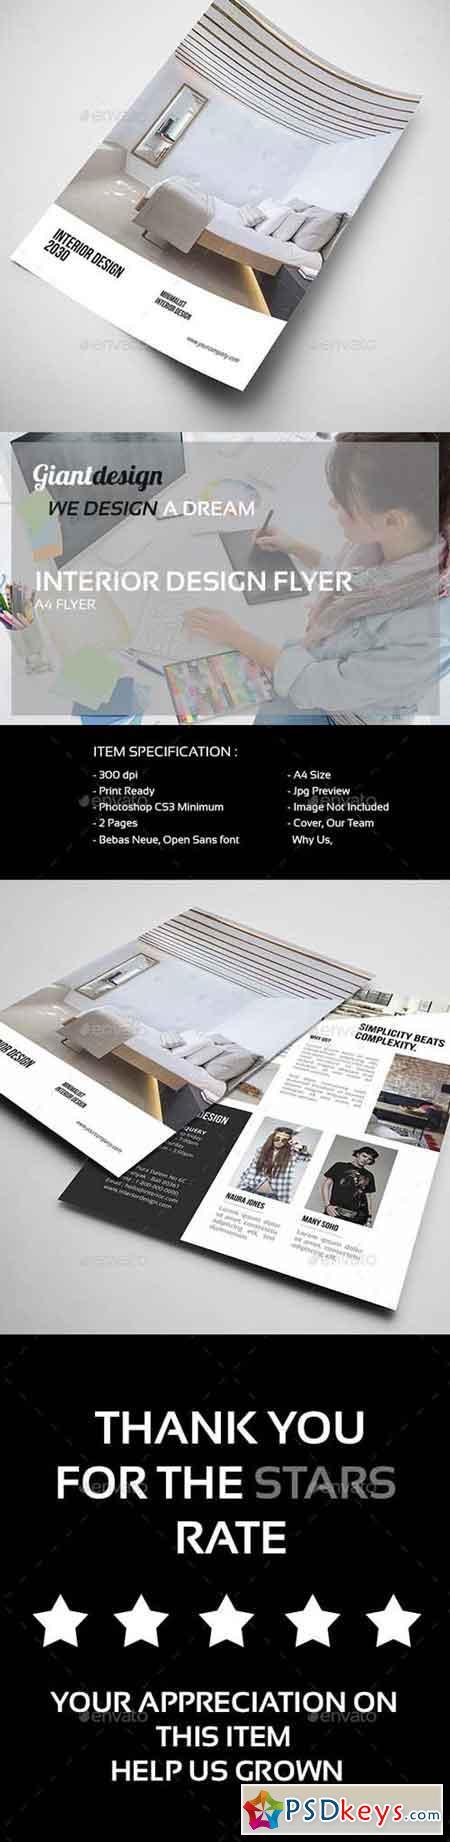 Interior Design - A4 Flyer 13853137